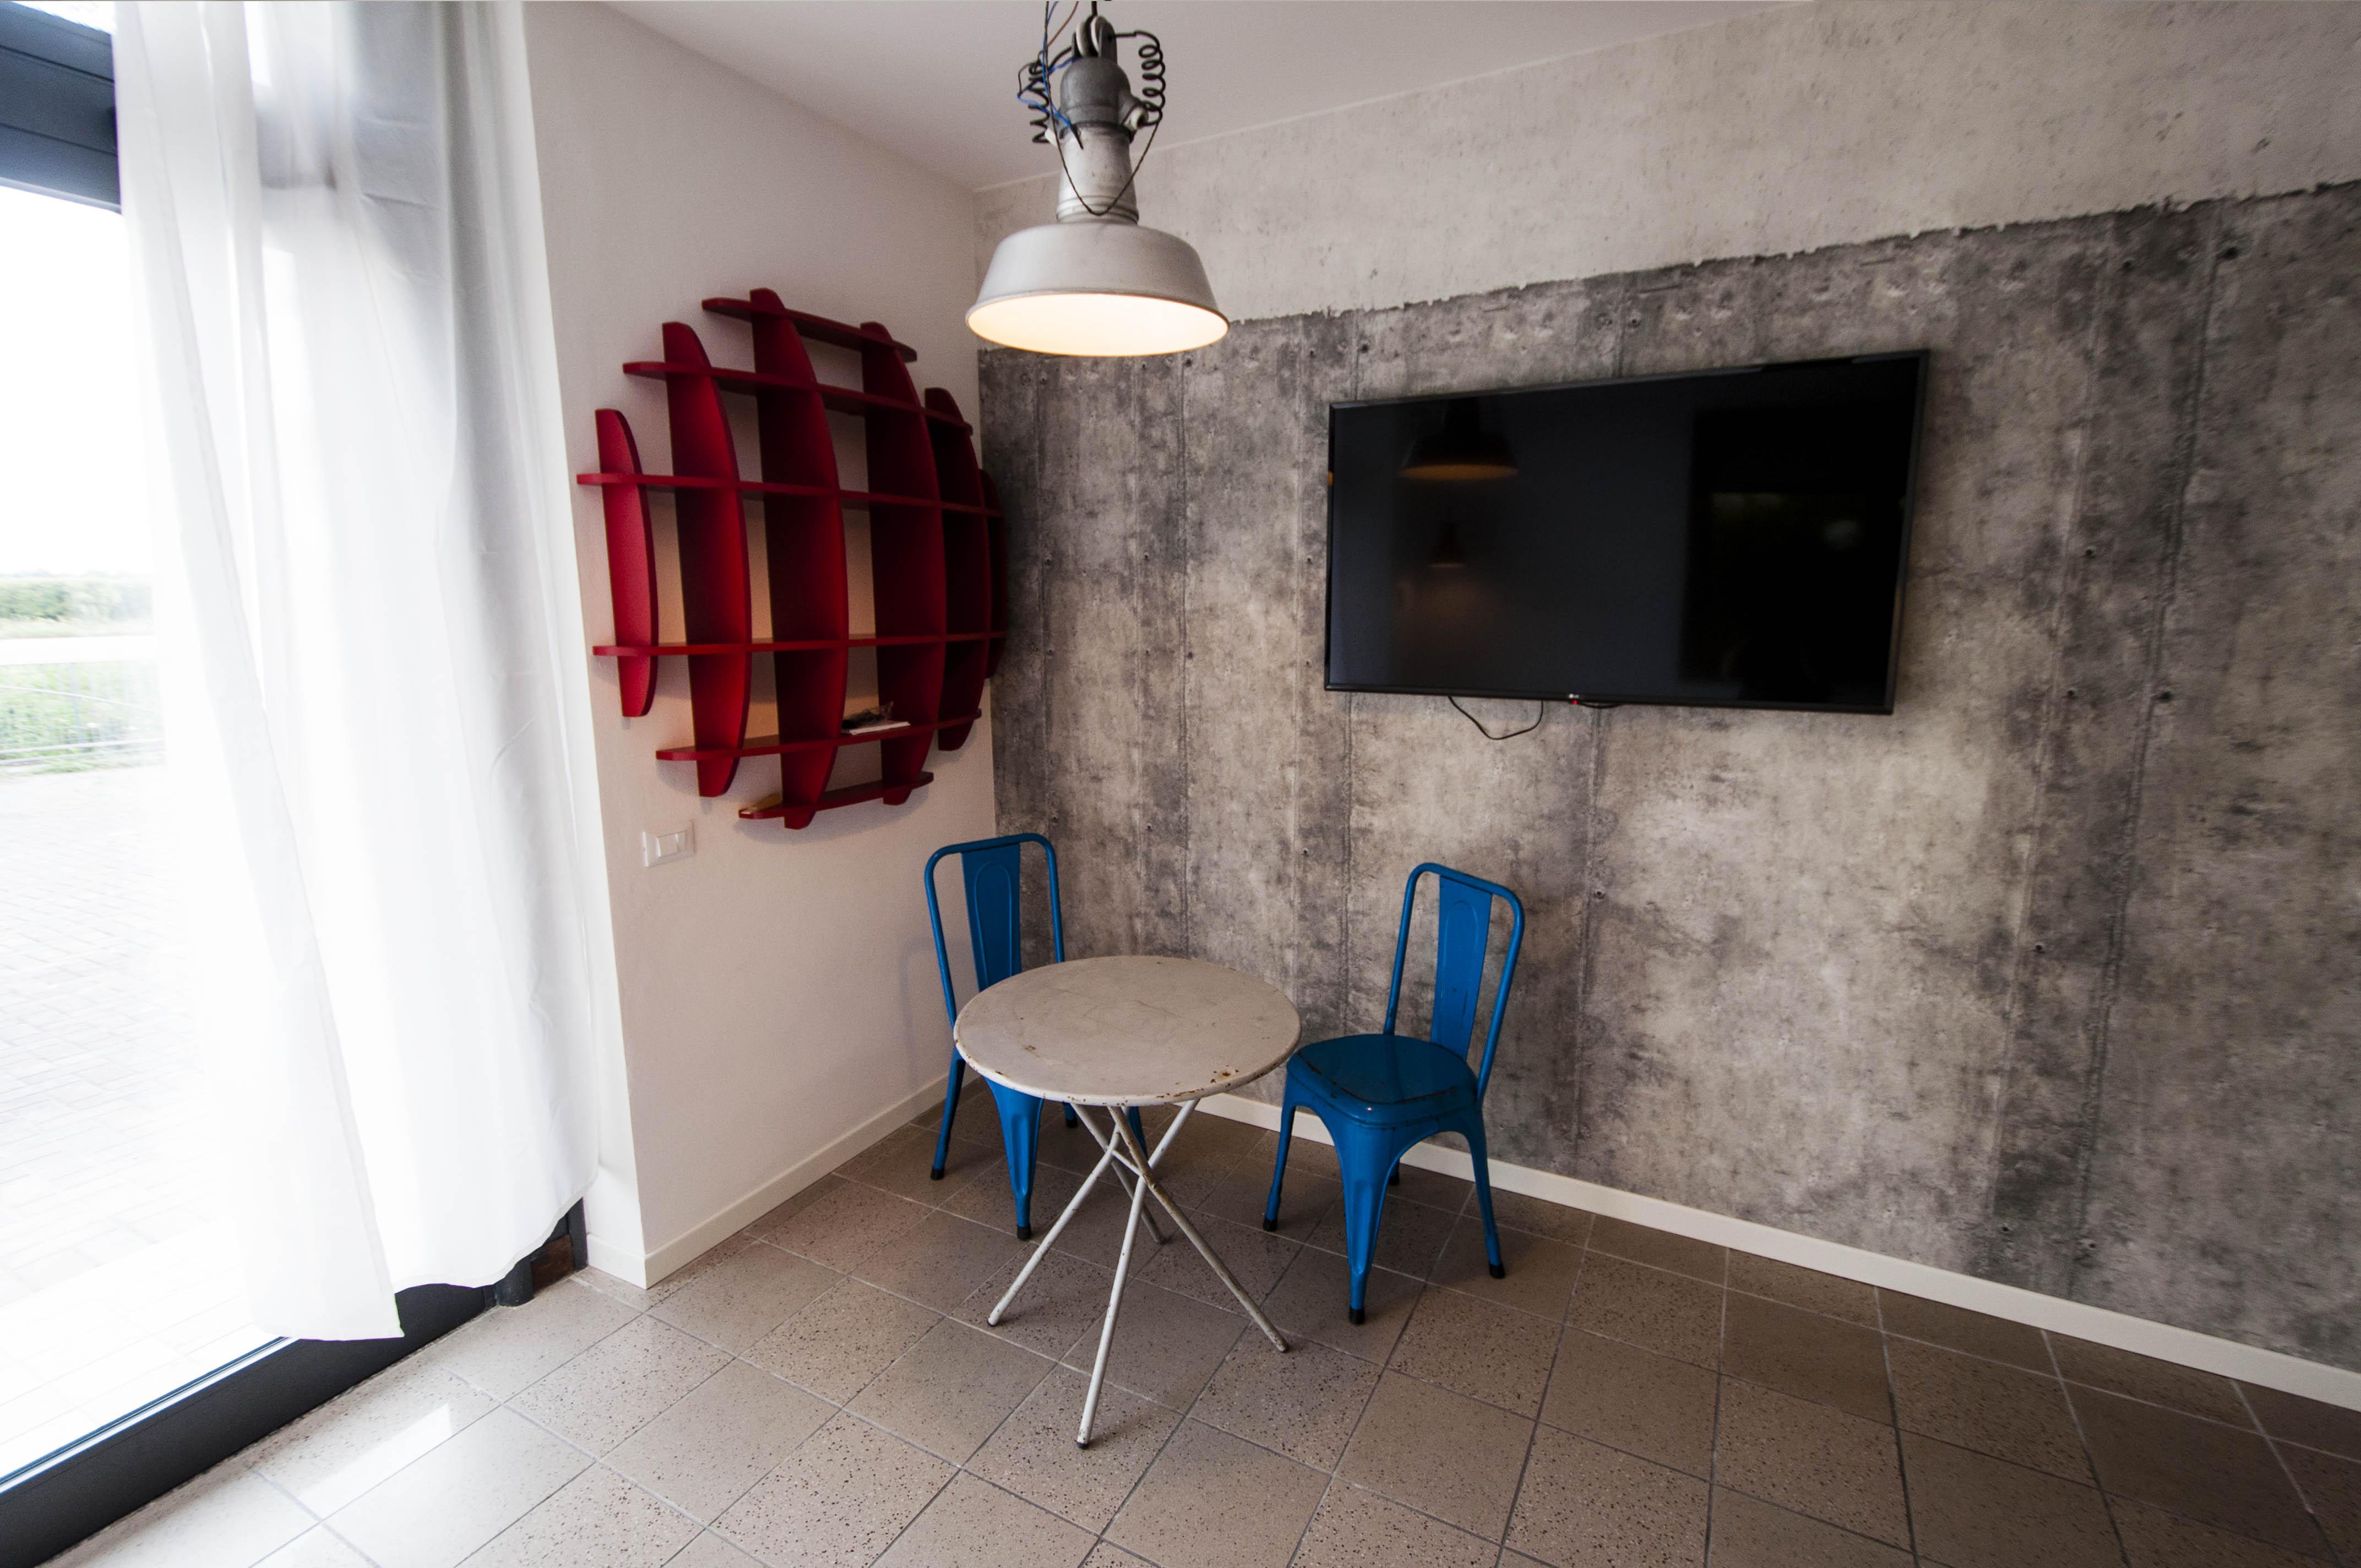 Camere in Affitto Treviso Villorba - Studio Architettura Zanatta 01